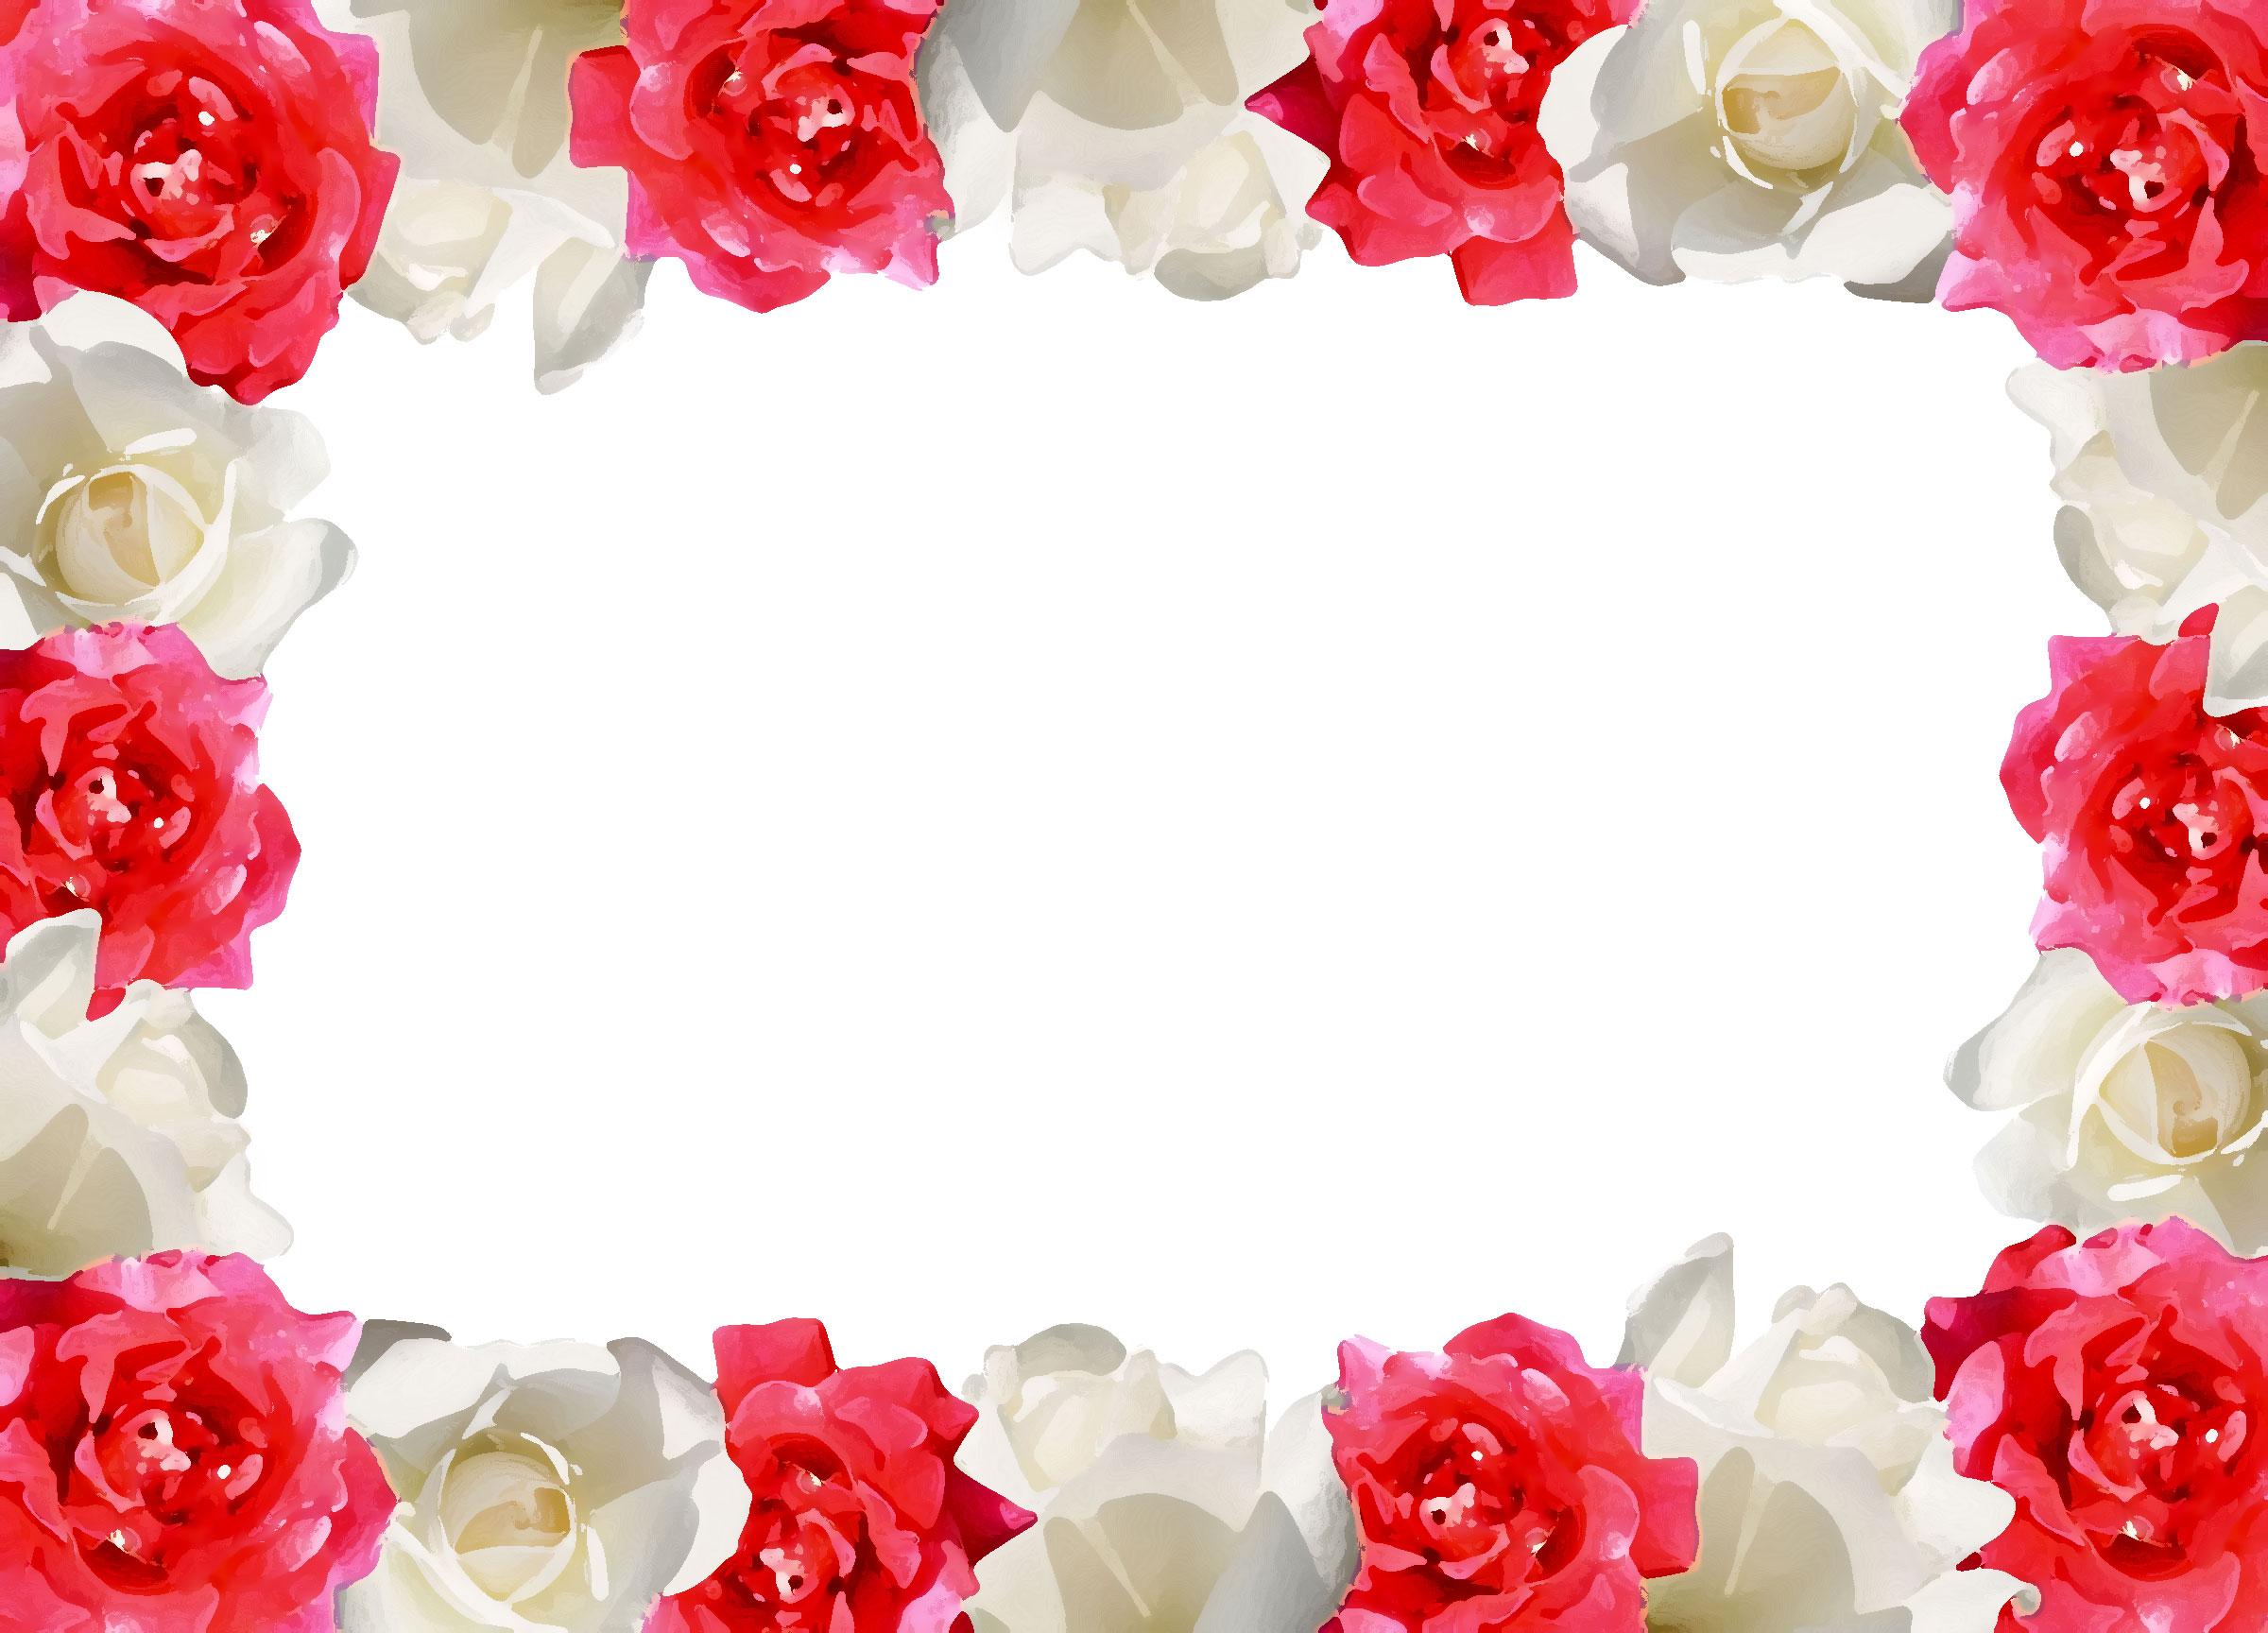 バラの画像・イラスト『壁紙・背景用』/No.646『花囲い・赤白バラ』